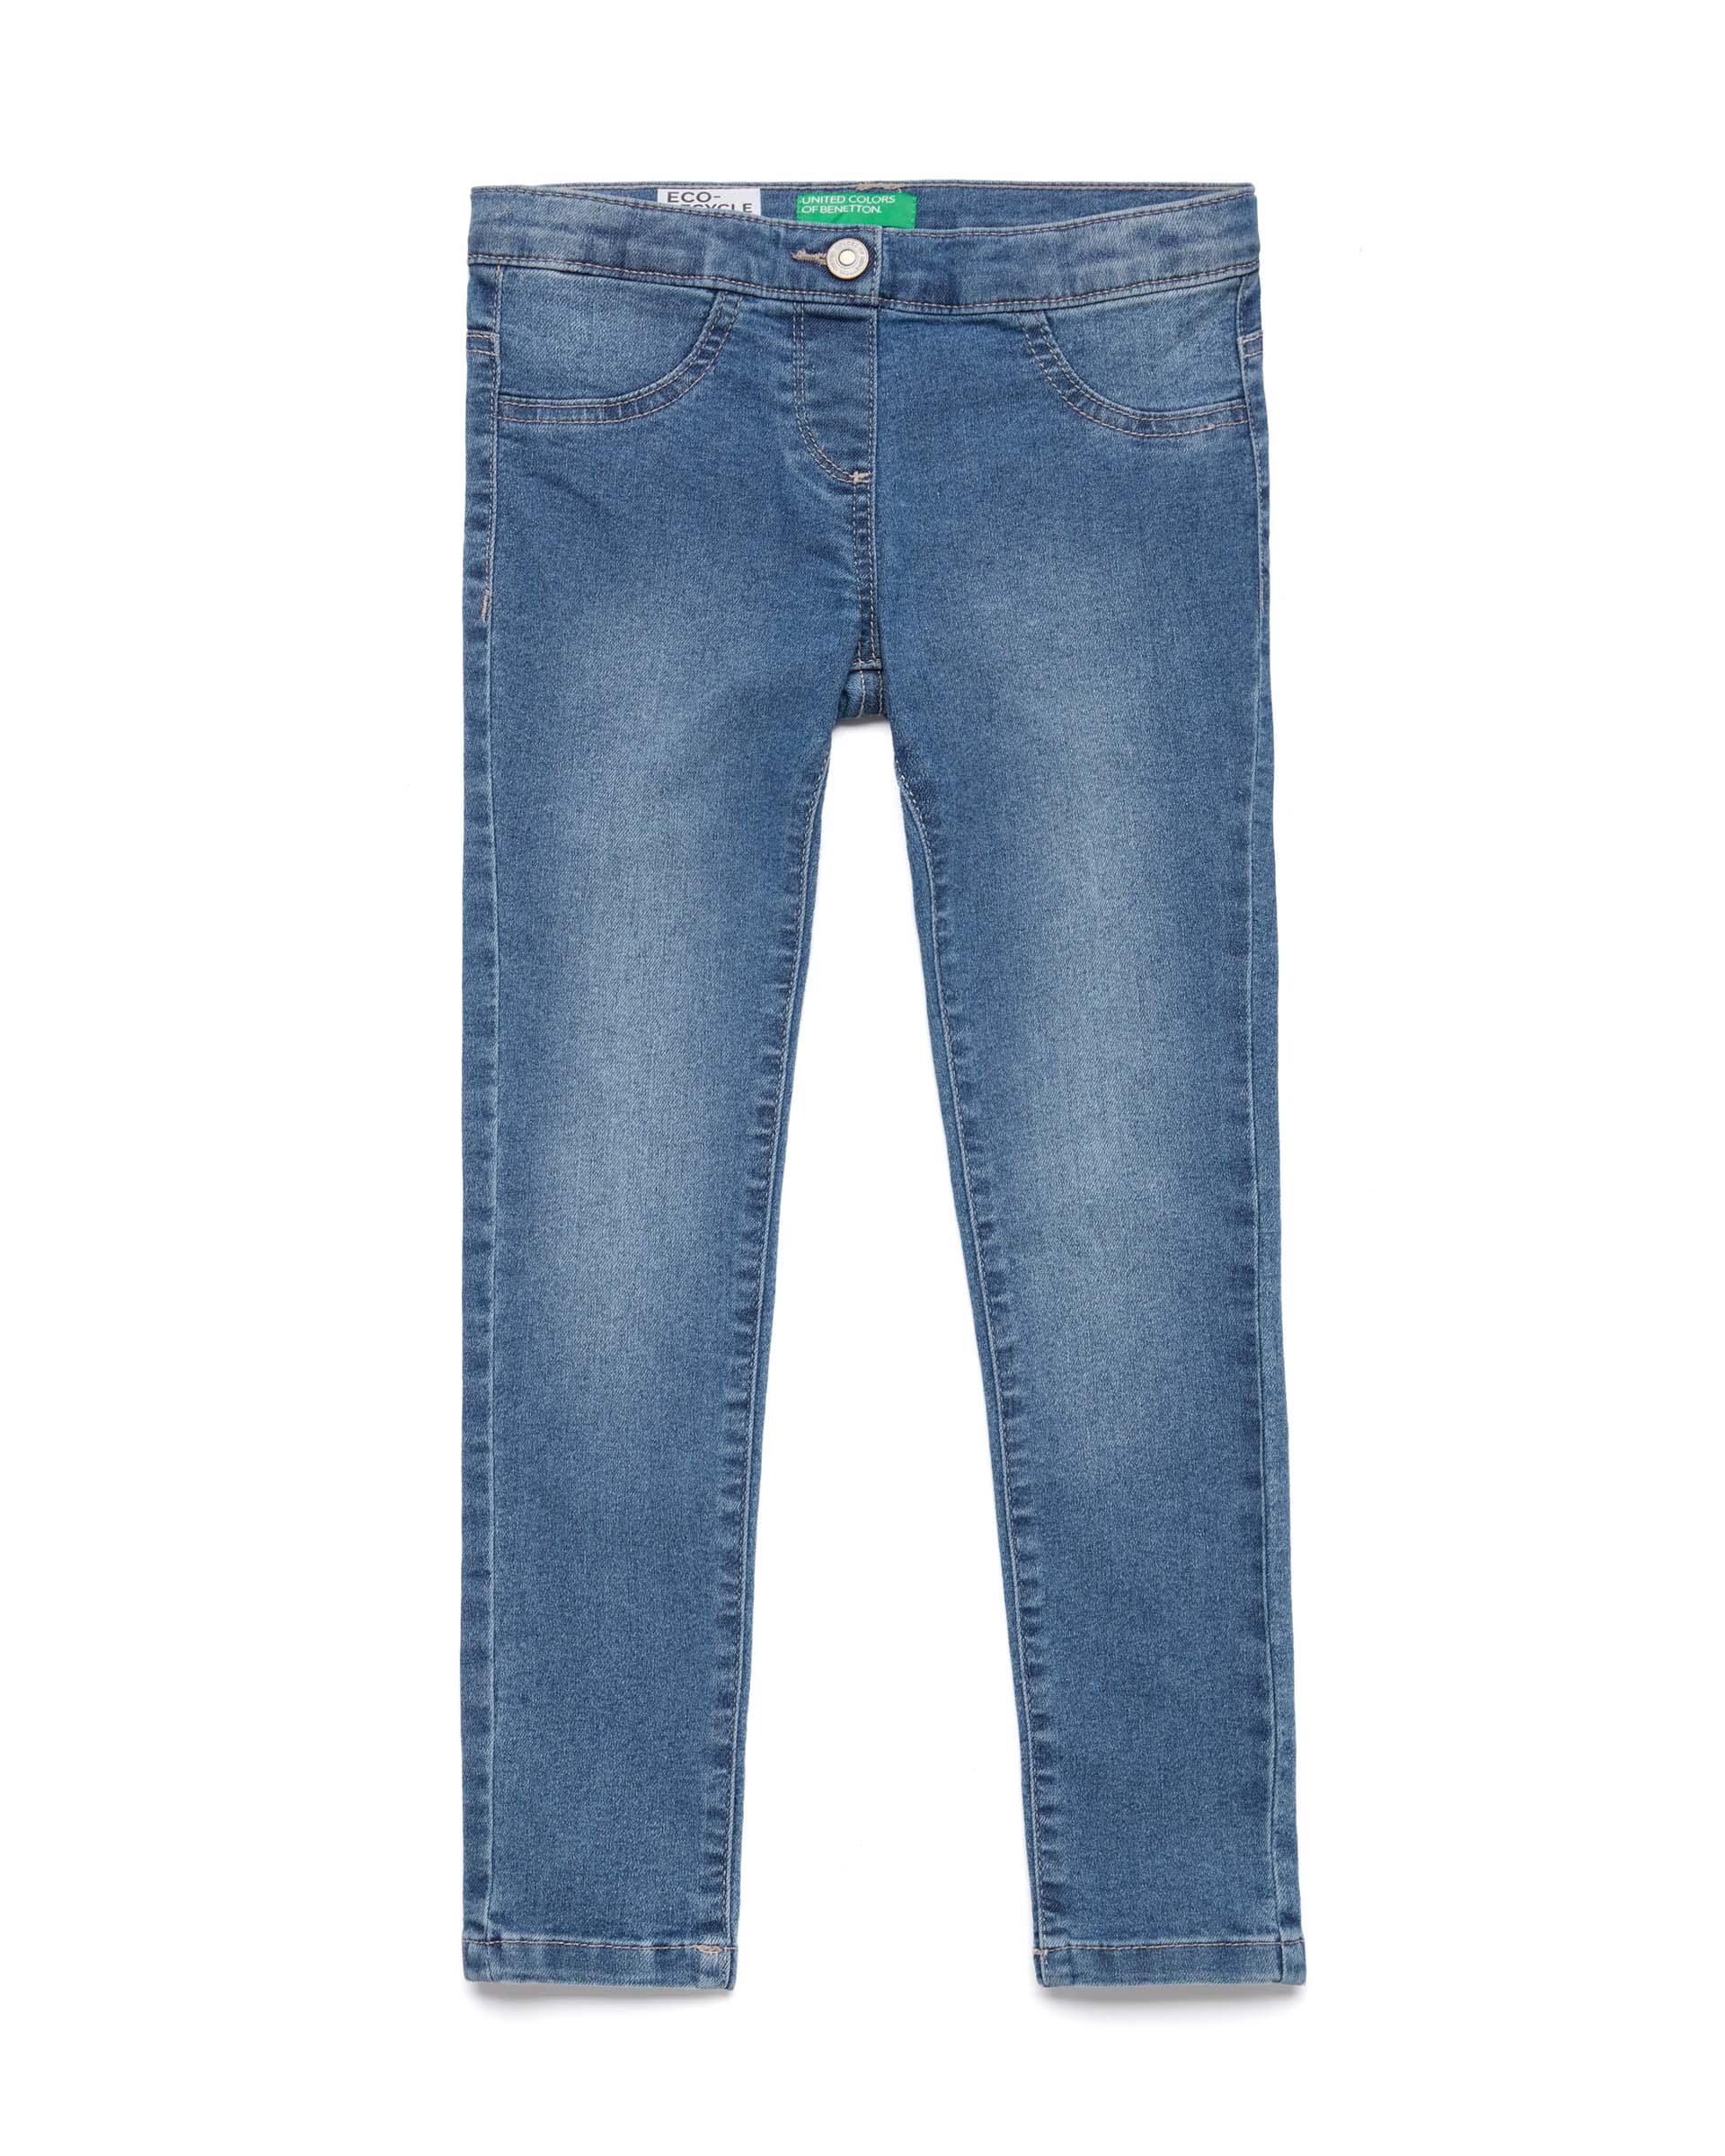 Купить 20P_4RW457LM0_902, Джинсы для девочек Benetton 4RW457LM0_902 р-р 128, United Colors of Benetton